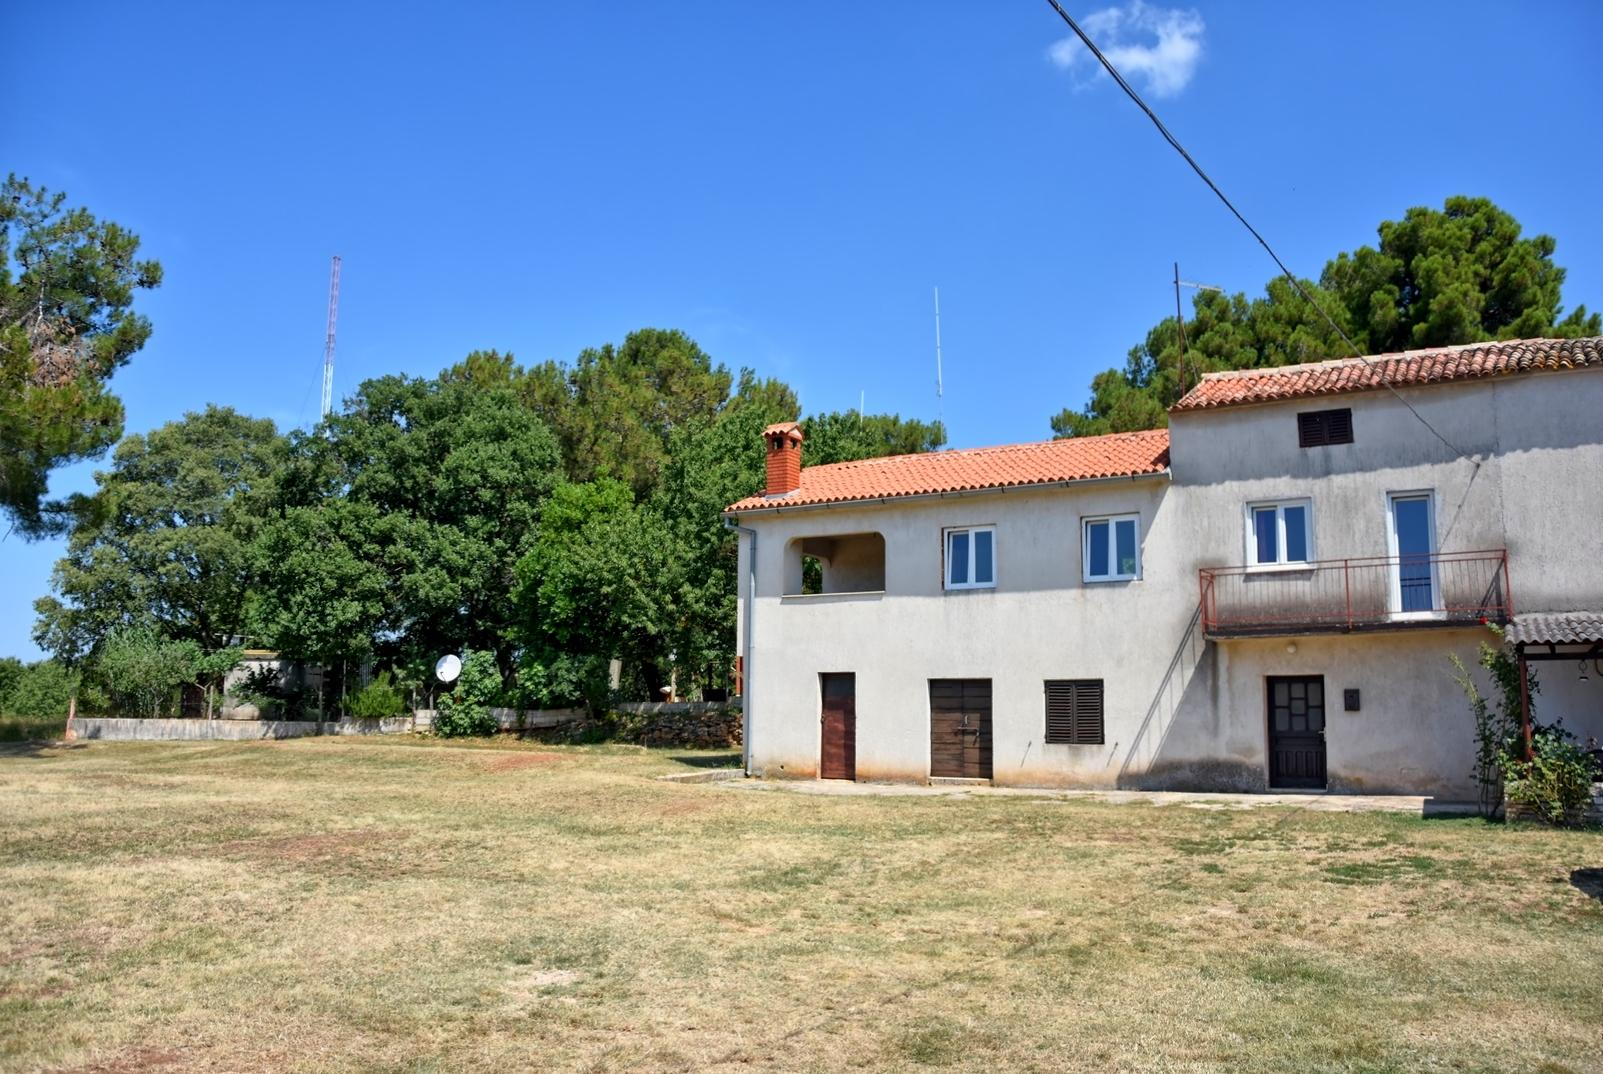 Nedovršena kuća sa velikom okućnicom u okolici Poreča